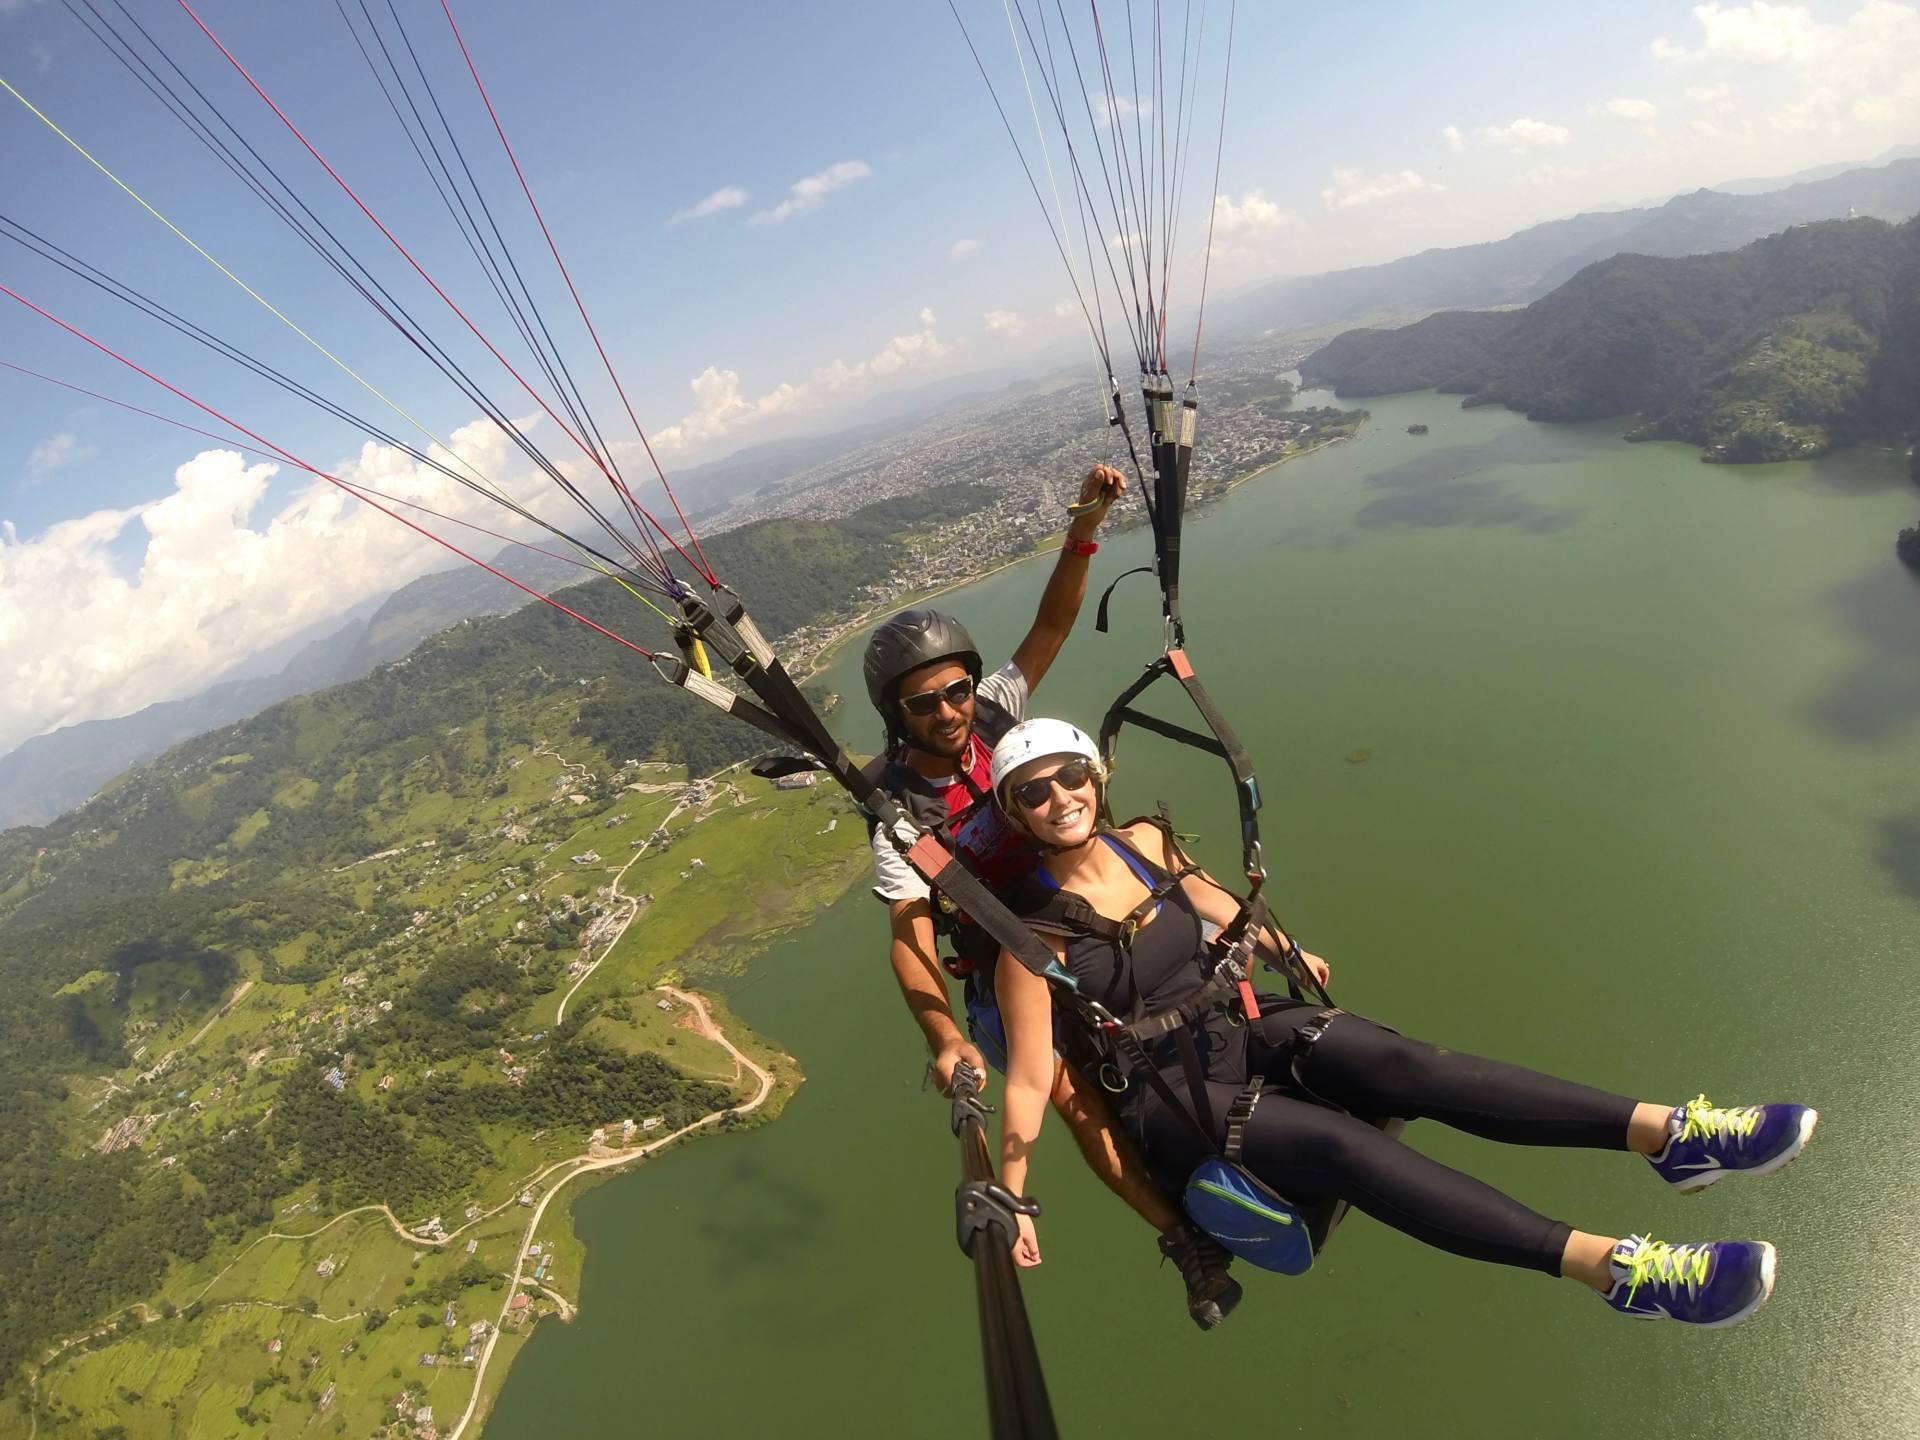 Paragliding in Sarangkot - 2 week Nepal Itinerary